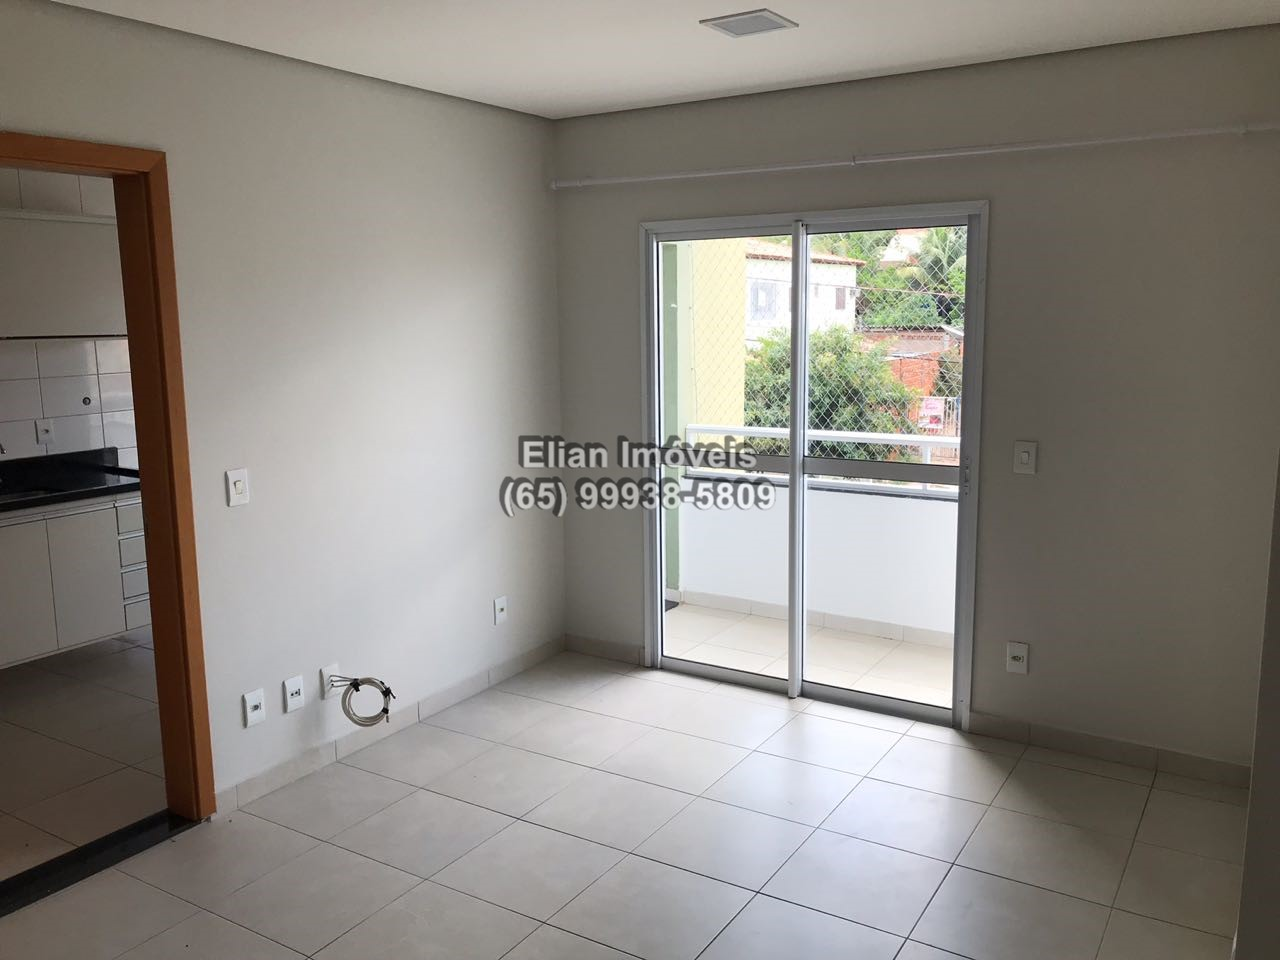 Apartamento  com 3 quartos sendo 1 Suíte no Araés, Cuiabá  - MT